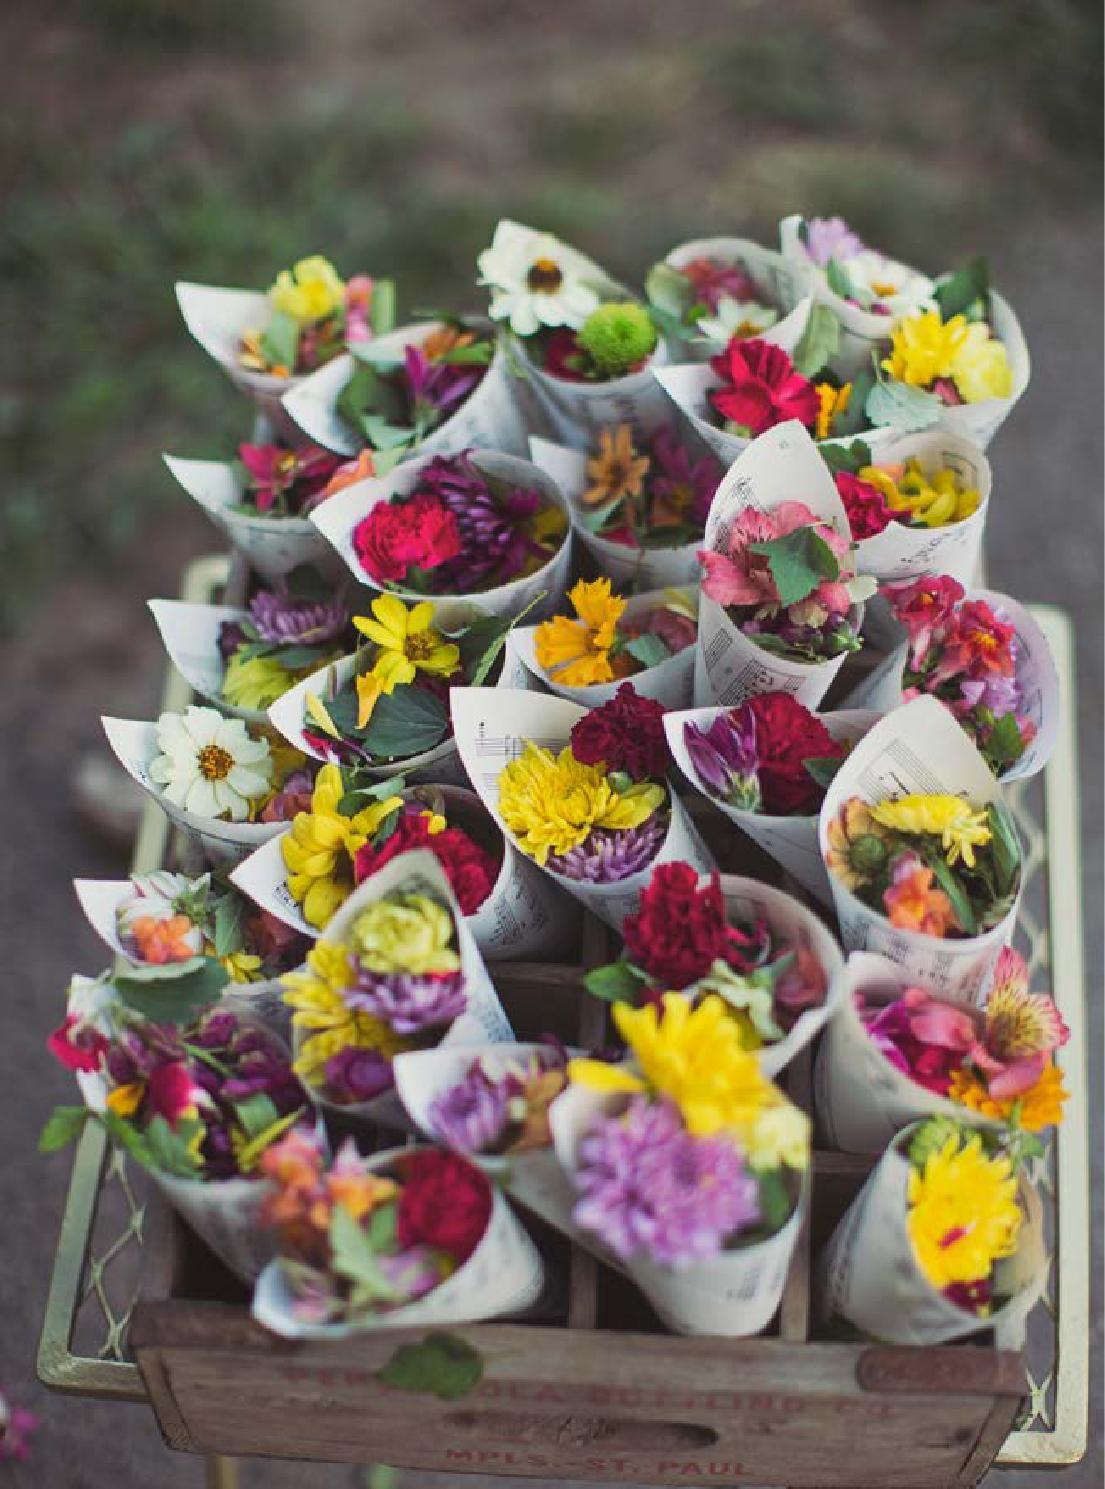 Hochzeitsguide Nr.3   Hochzeitsguide - eine bunte Vielfalt an Hochzeitsinspirationen